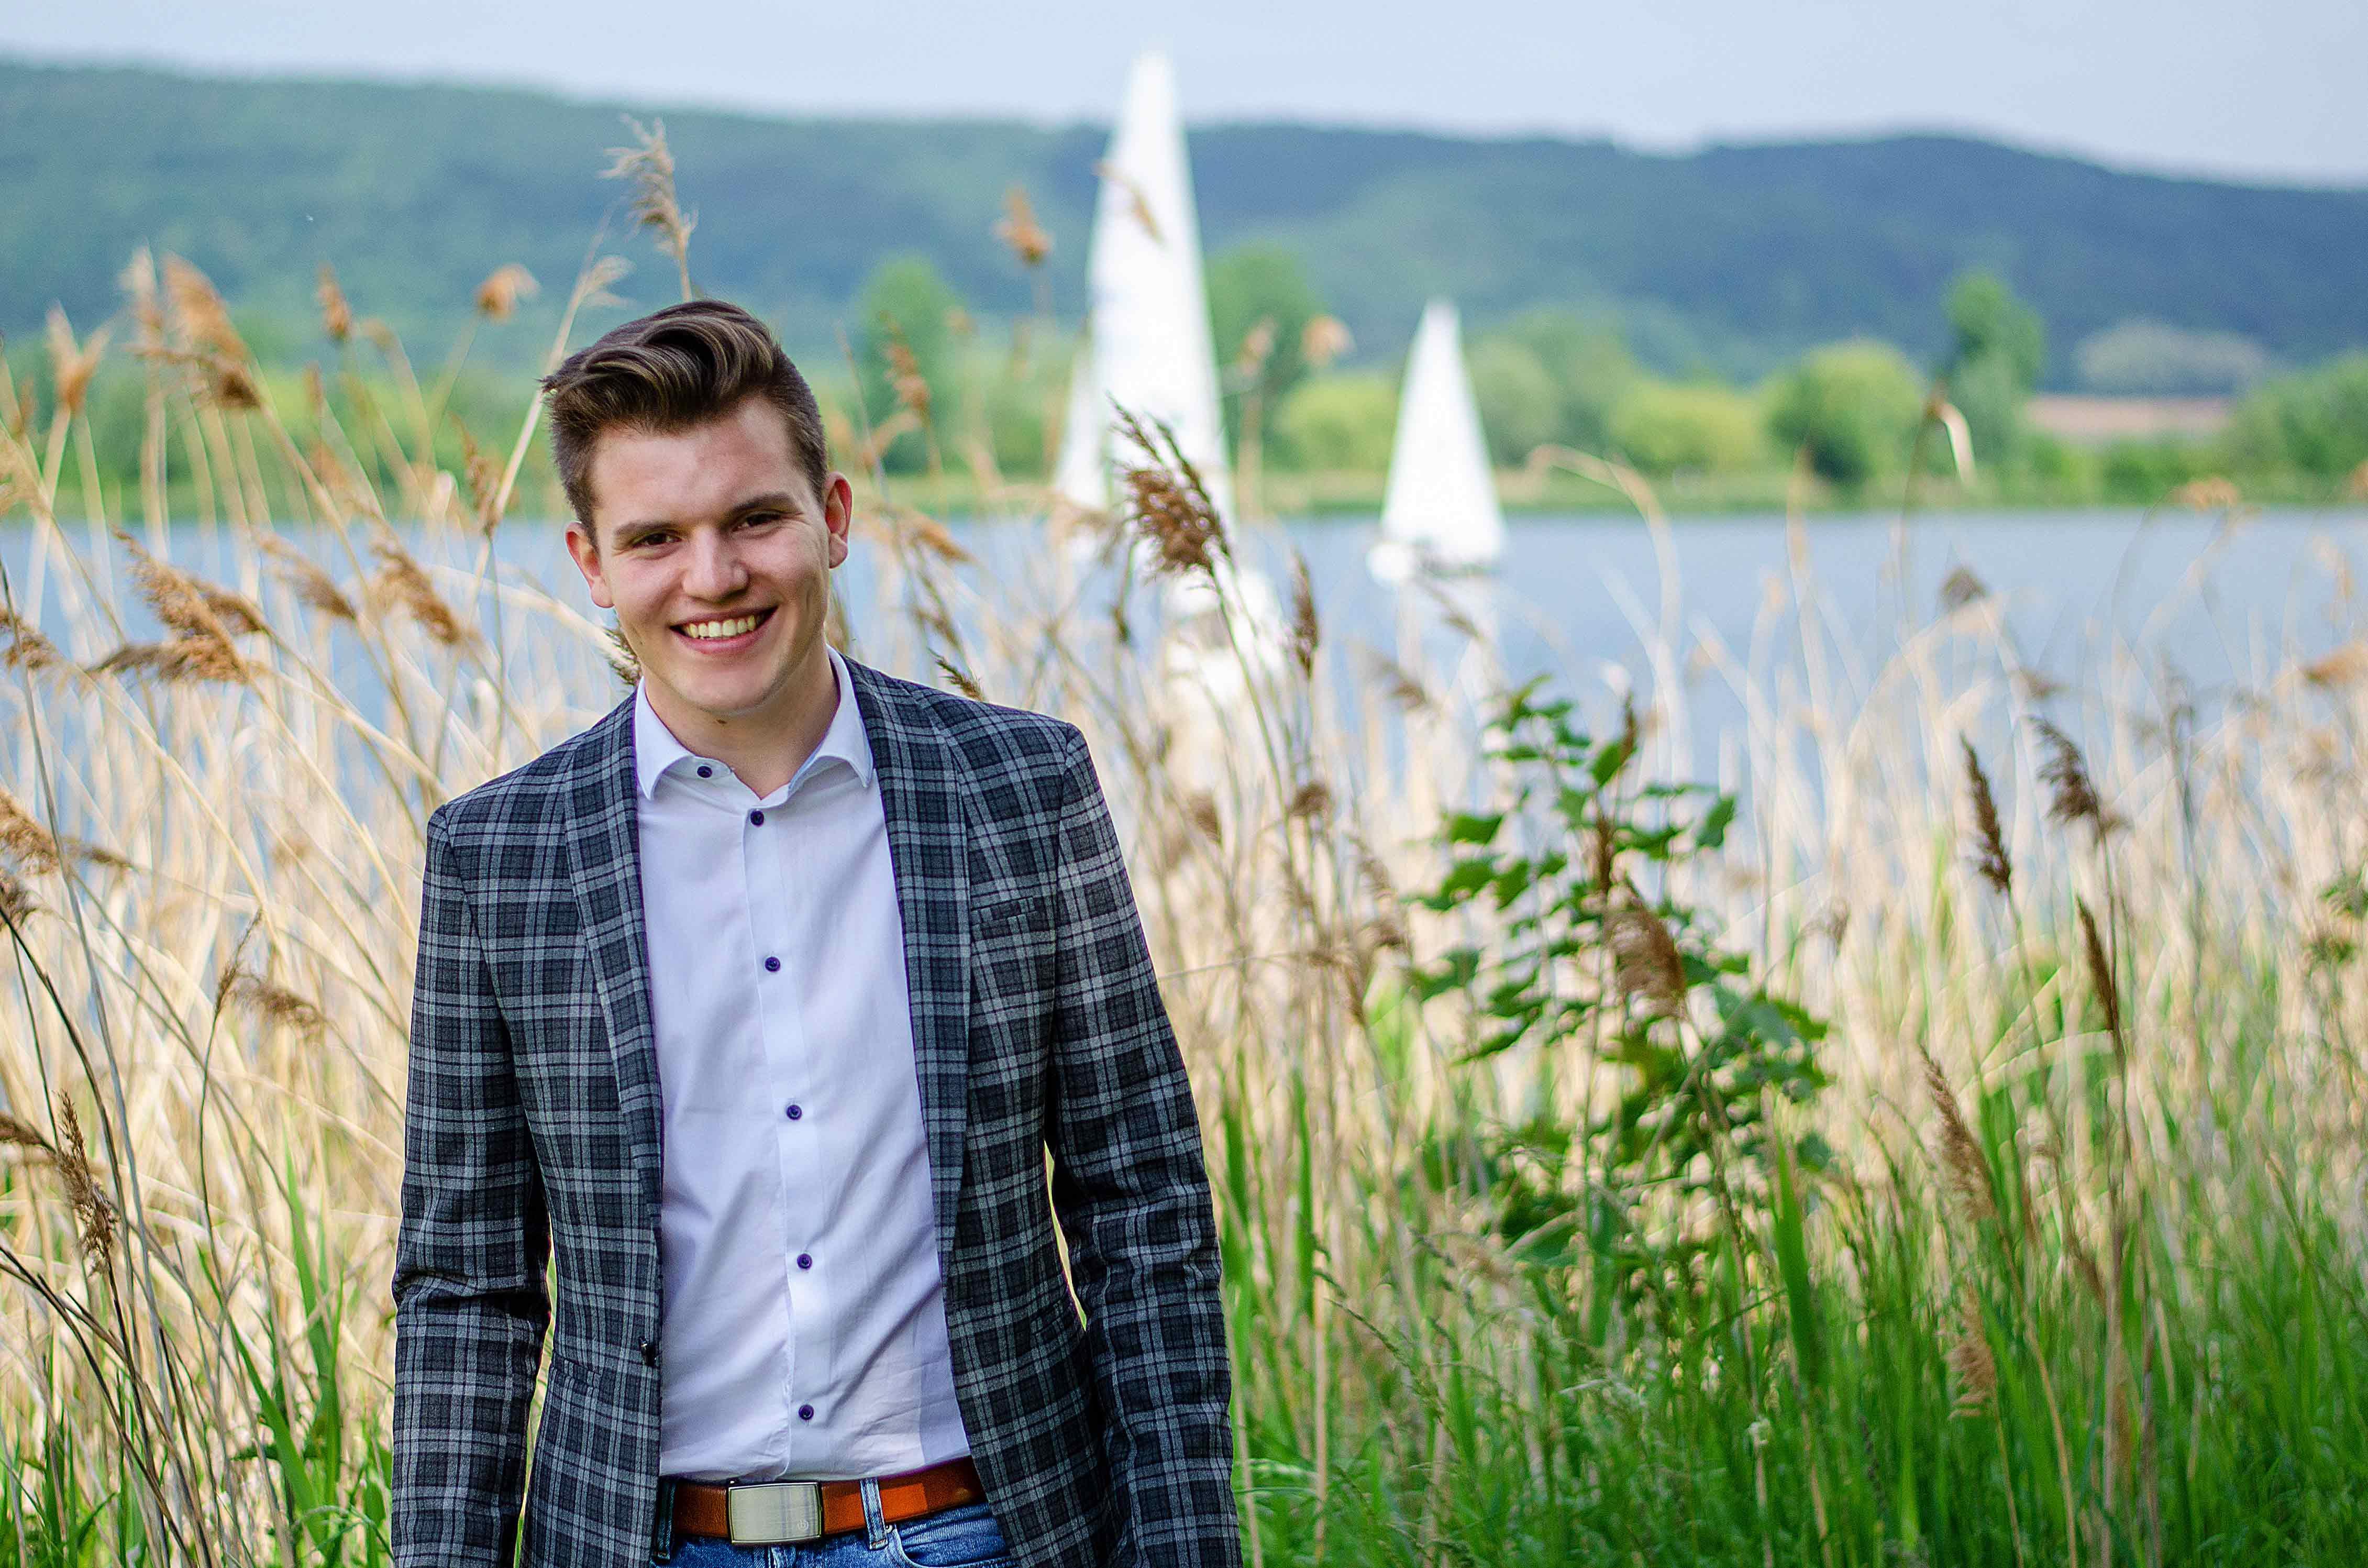 Der frischgewählte Abgeordnete: Felix Martin aus Nordhessen